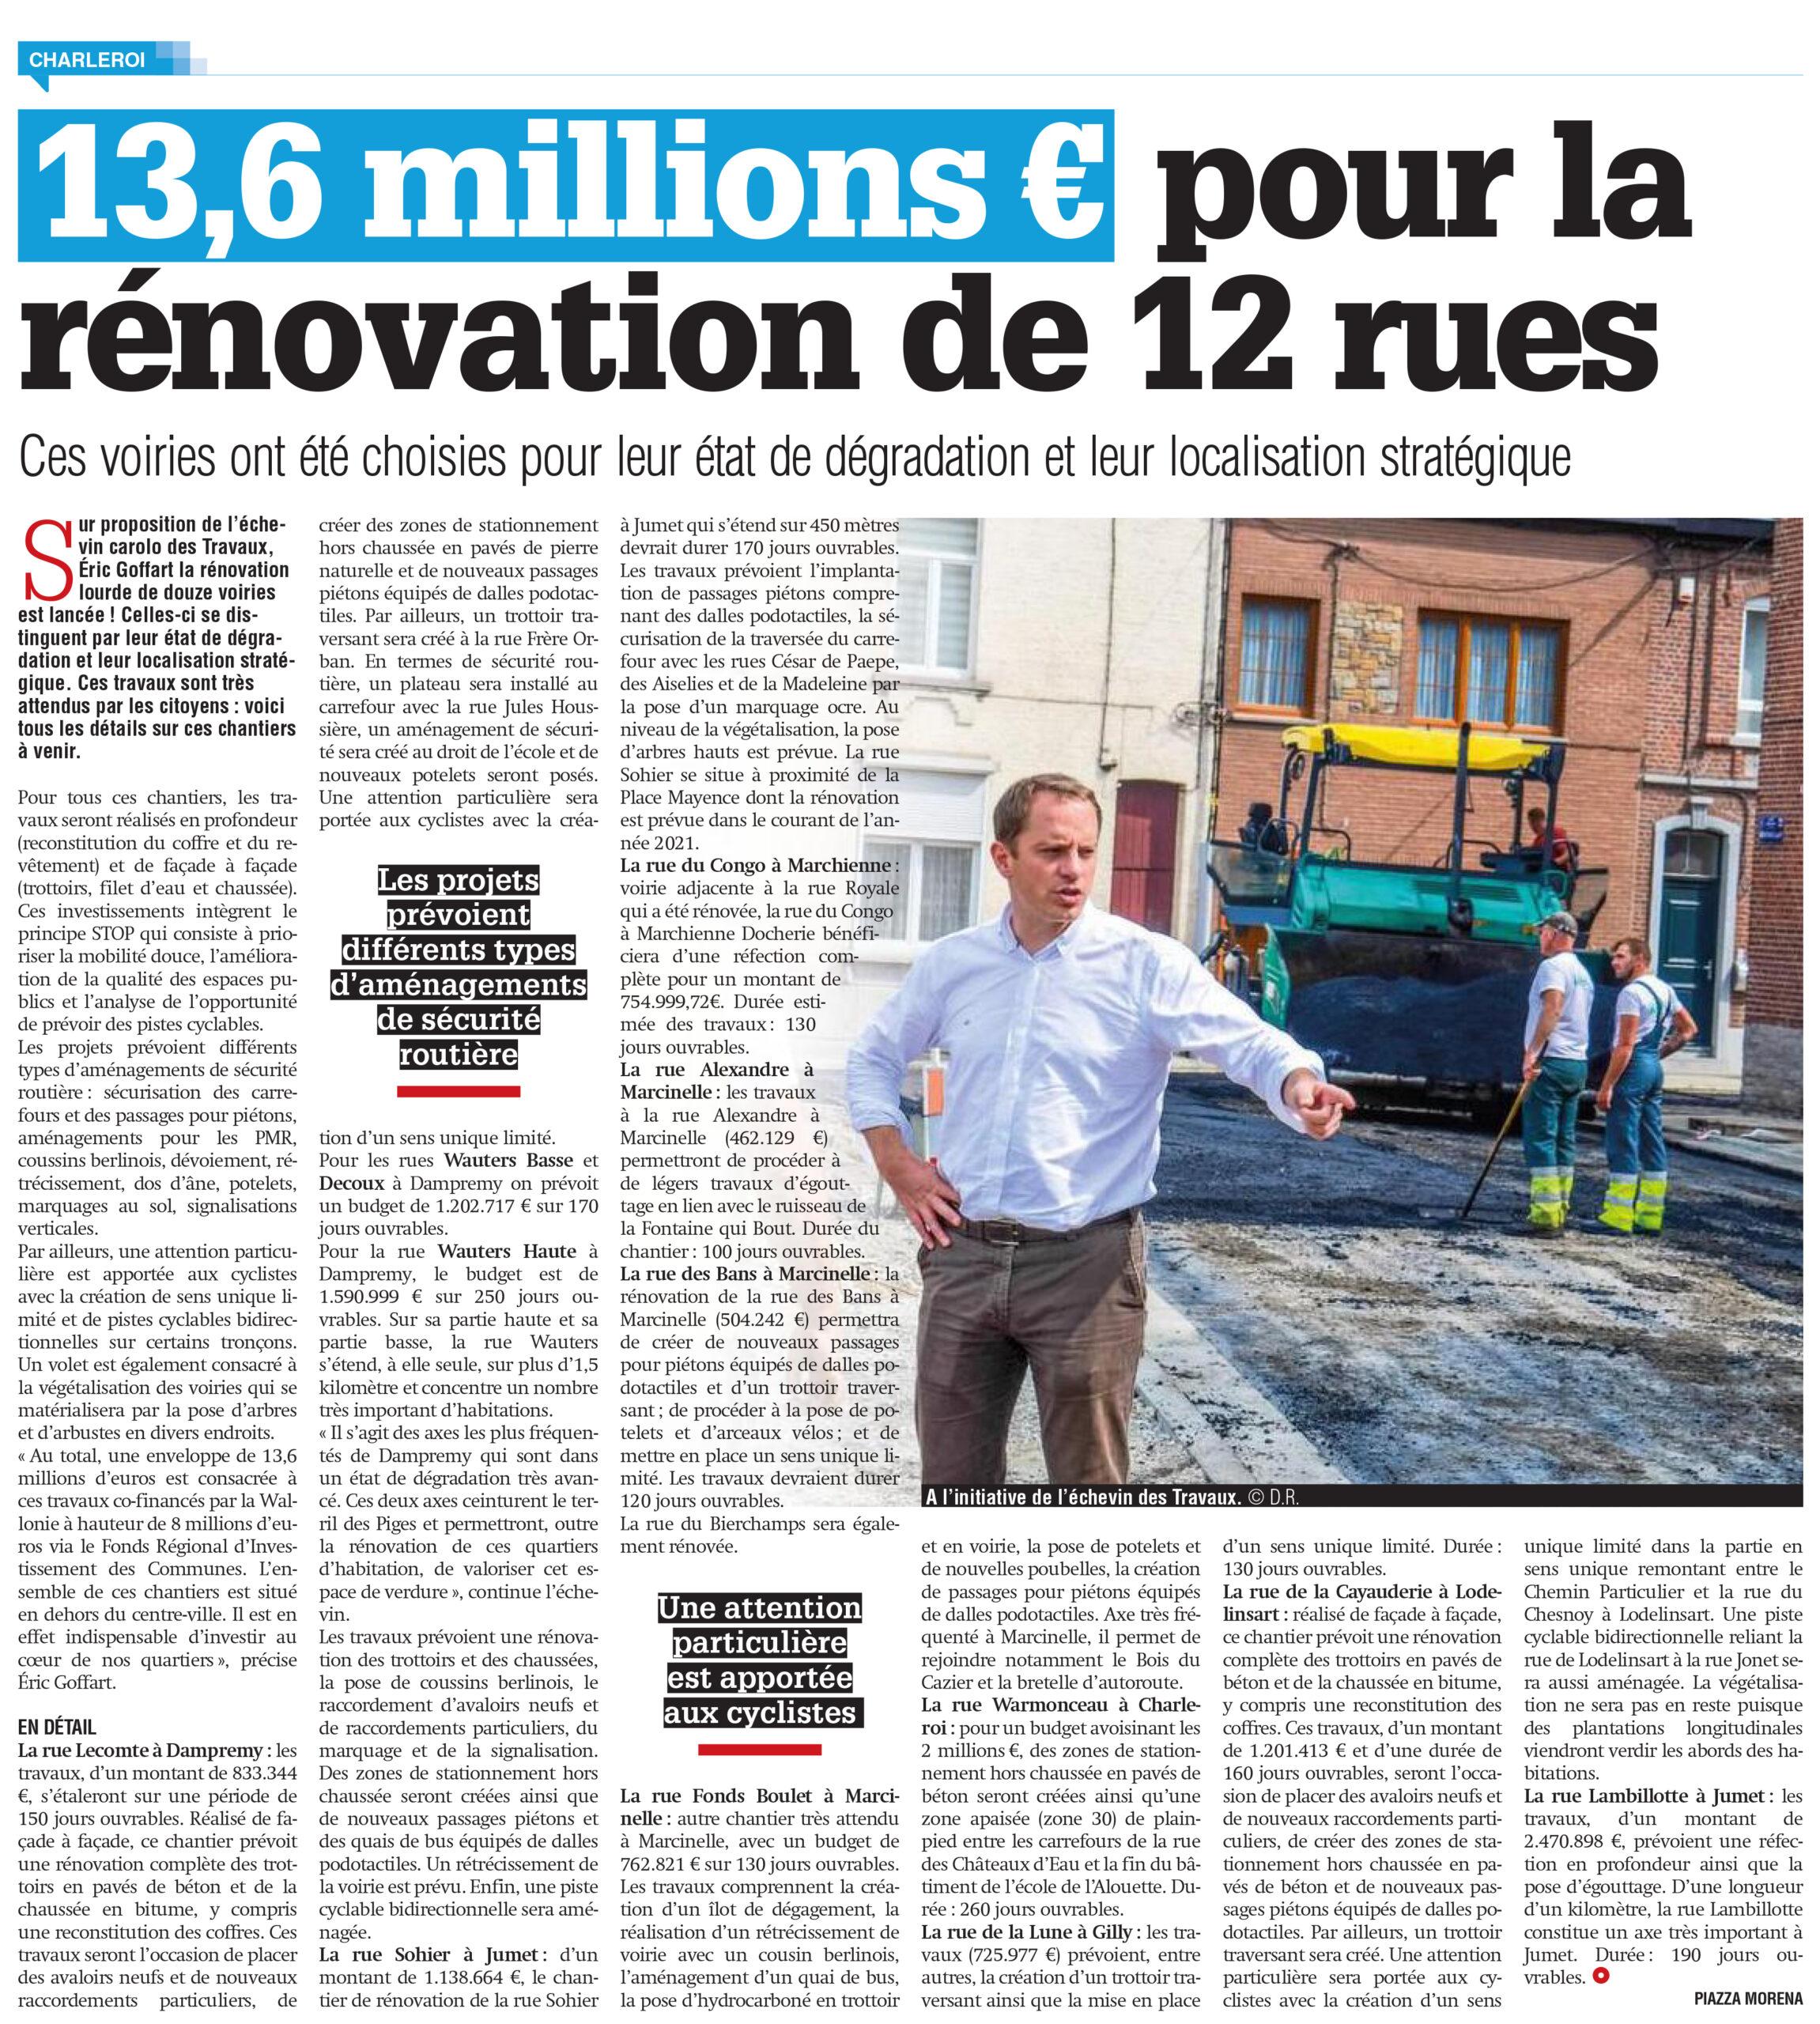 Eric Goffart - 13,6 millions d'euros pour la rénovation de 12 rues à Charleroi